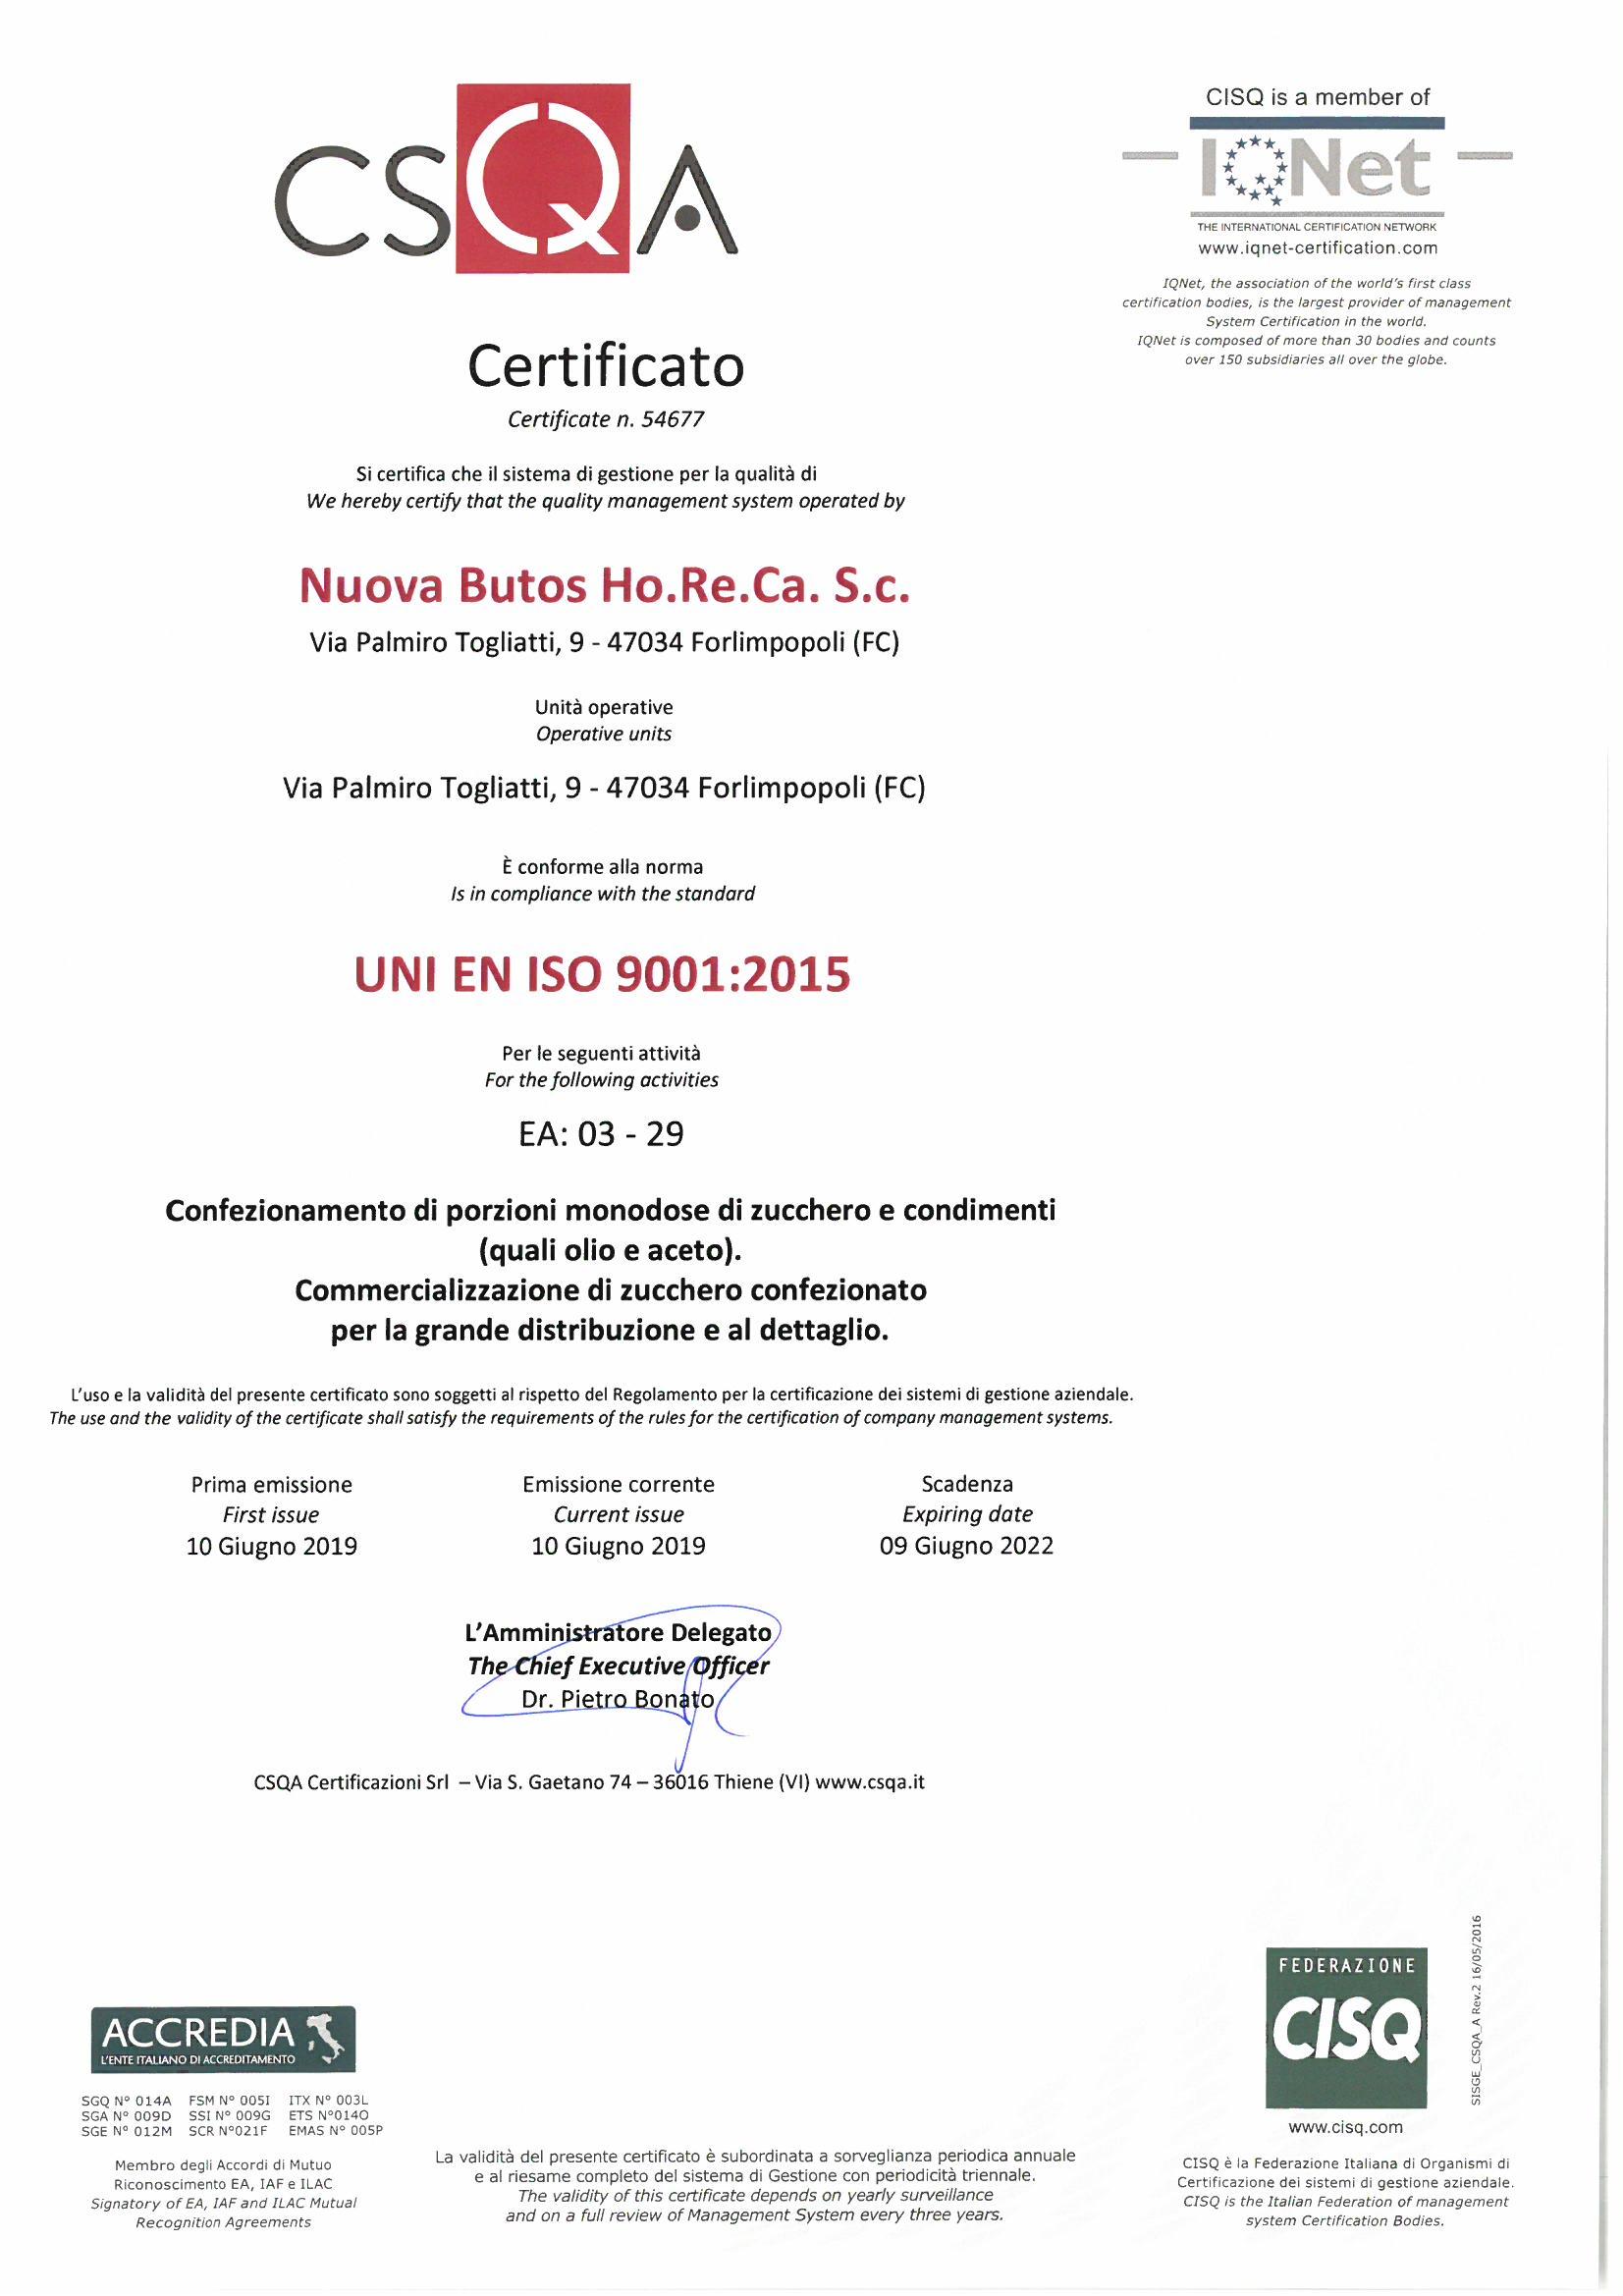 Cert ISO9001 Nuova Butos